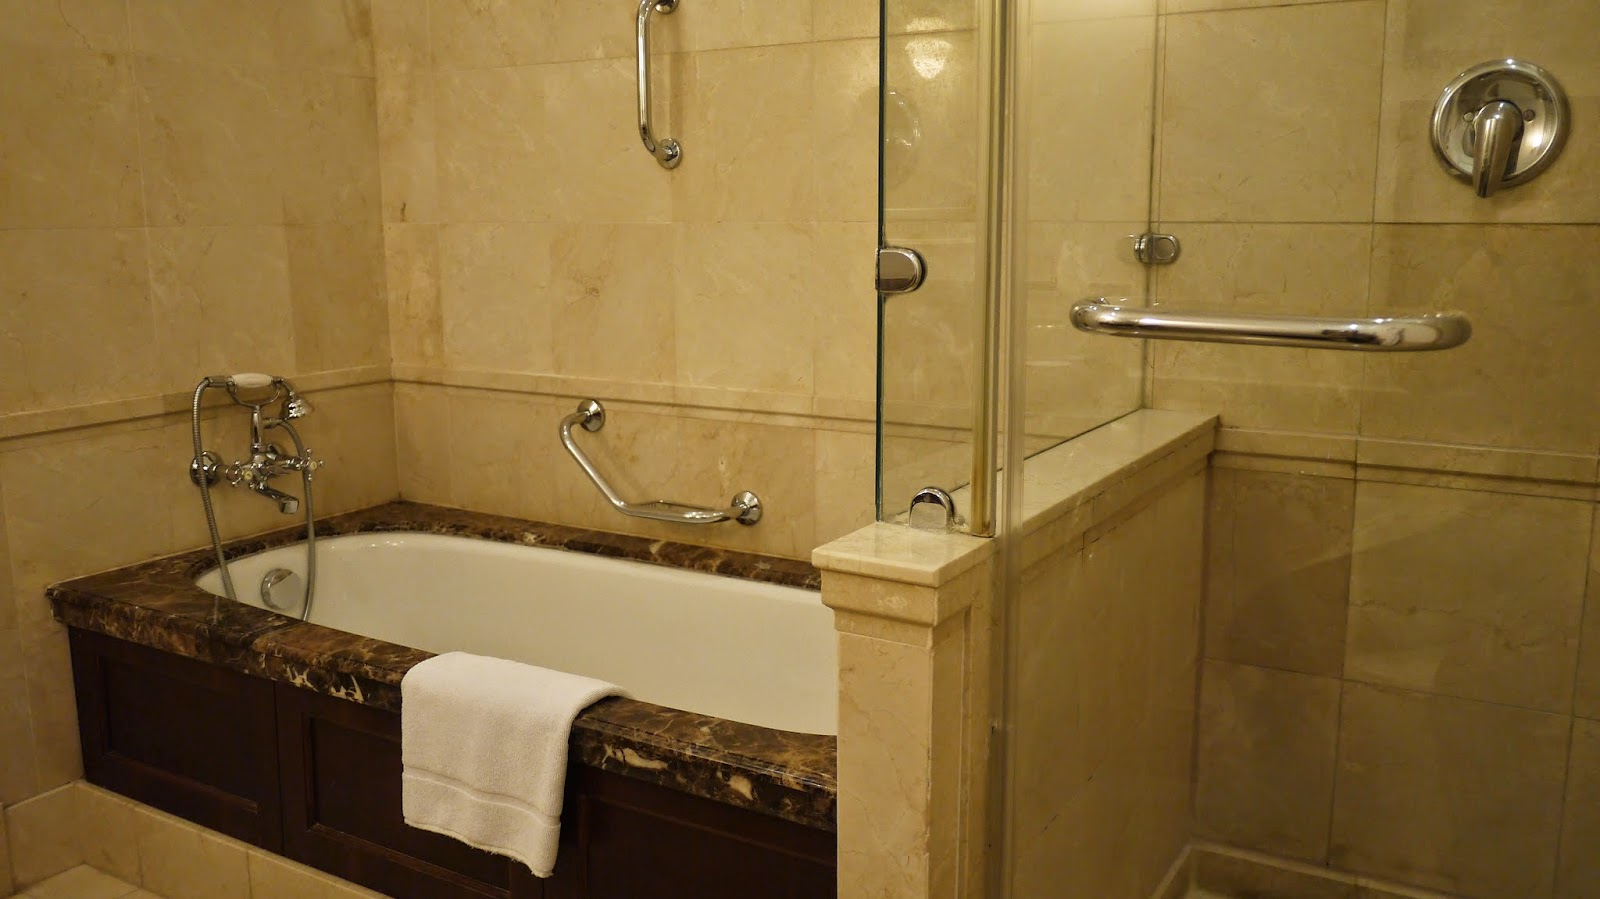 Le Meridien Budapest Bathroom